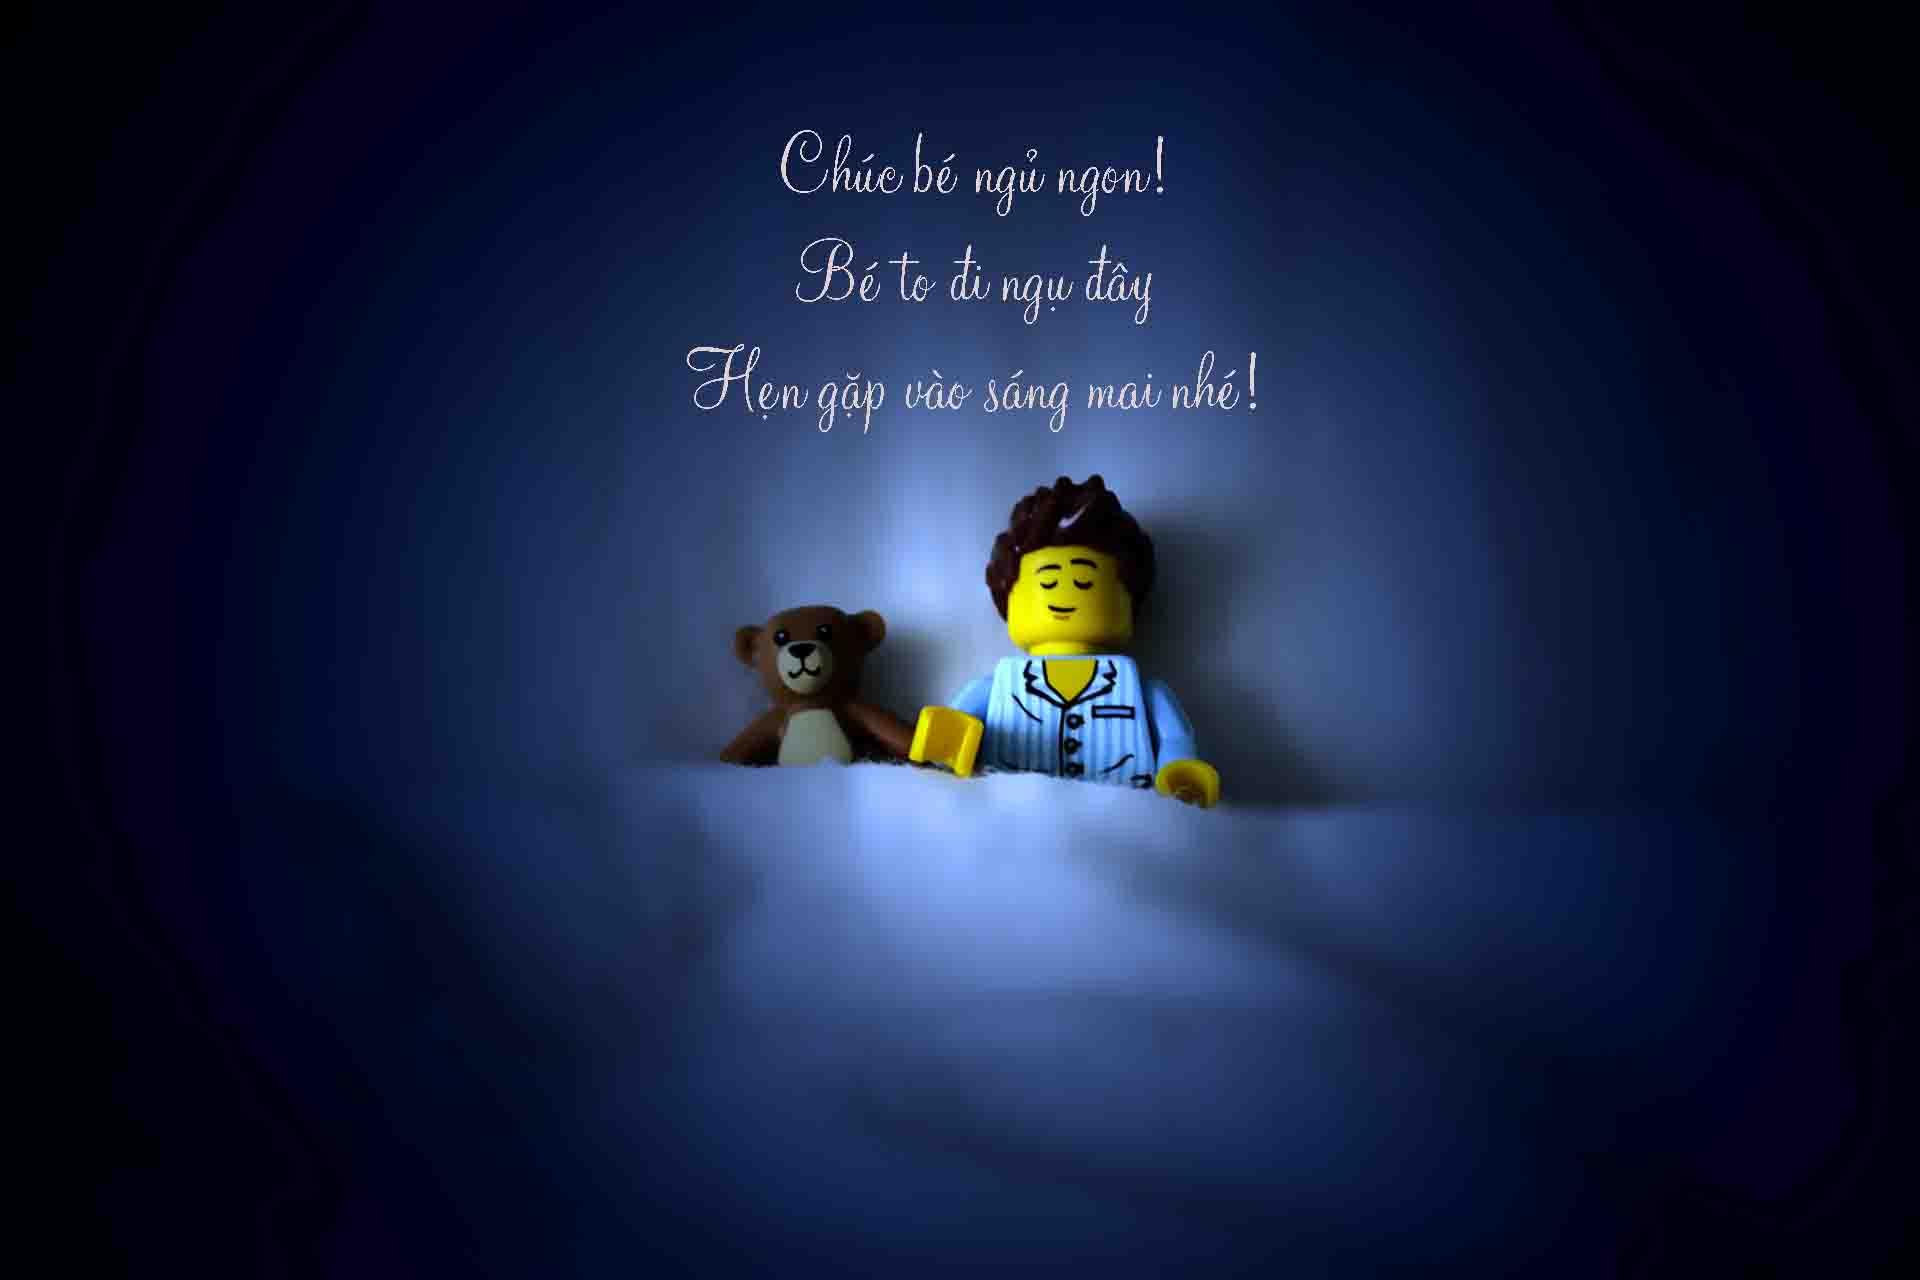 Ảnh chúc ngủ ngon hoạt hình lego